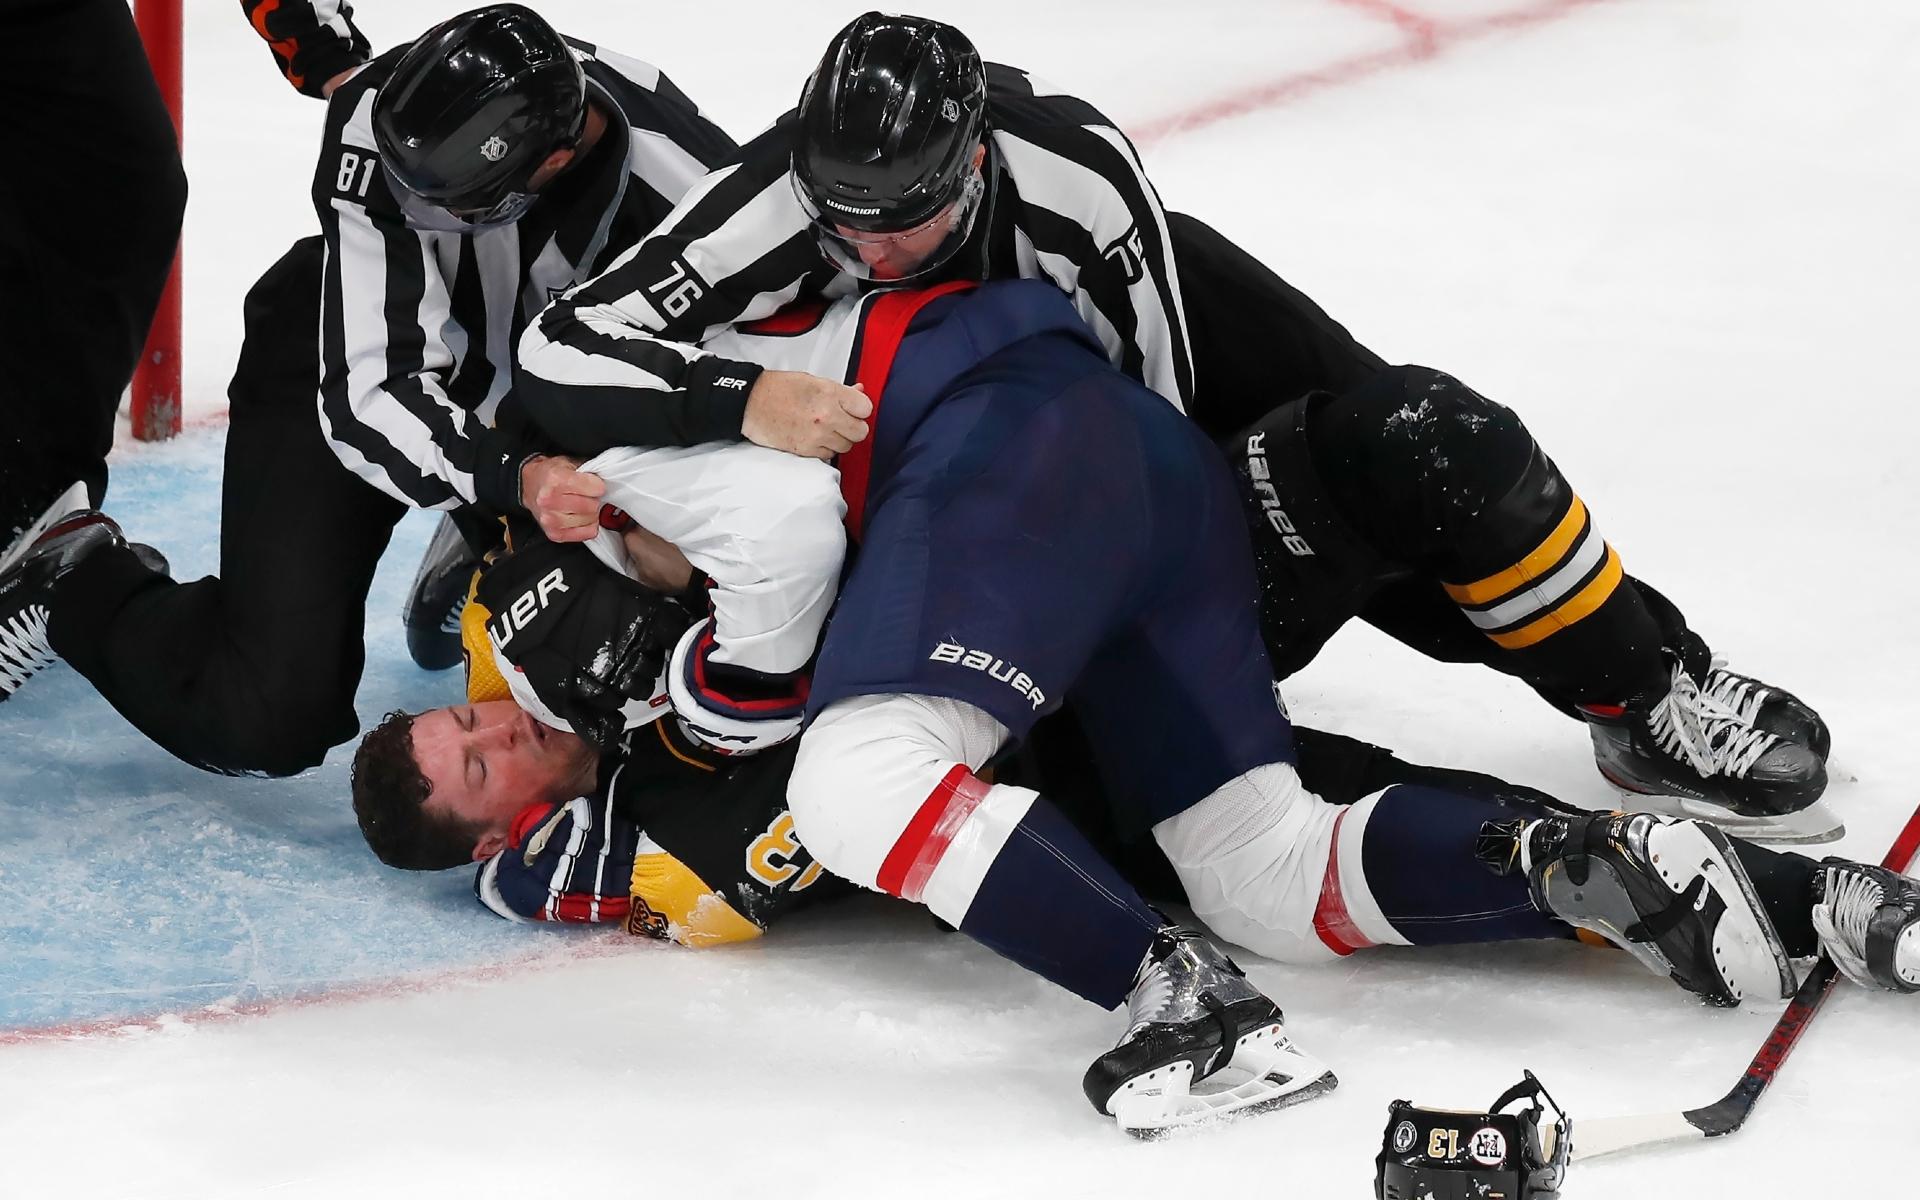 Фото: Дмитрий Орлов и Чарли Койл (AP Photo/Michael Dwyer)